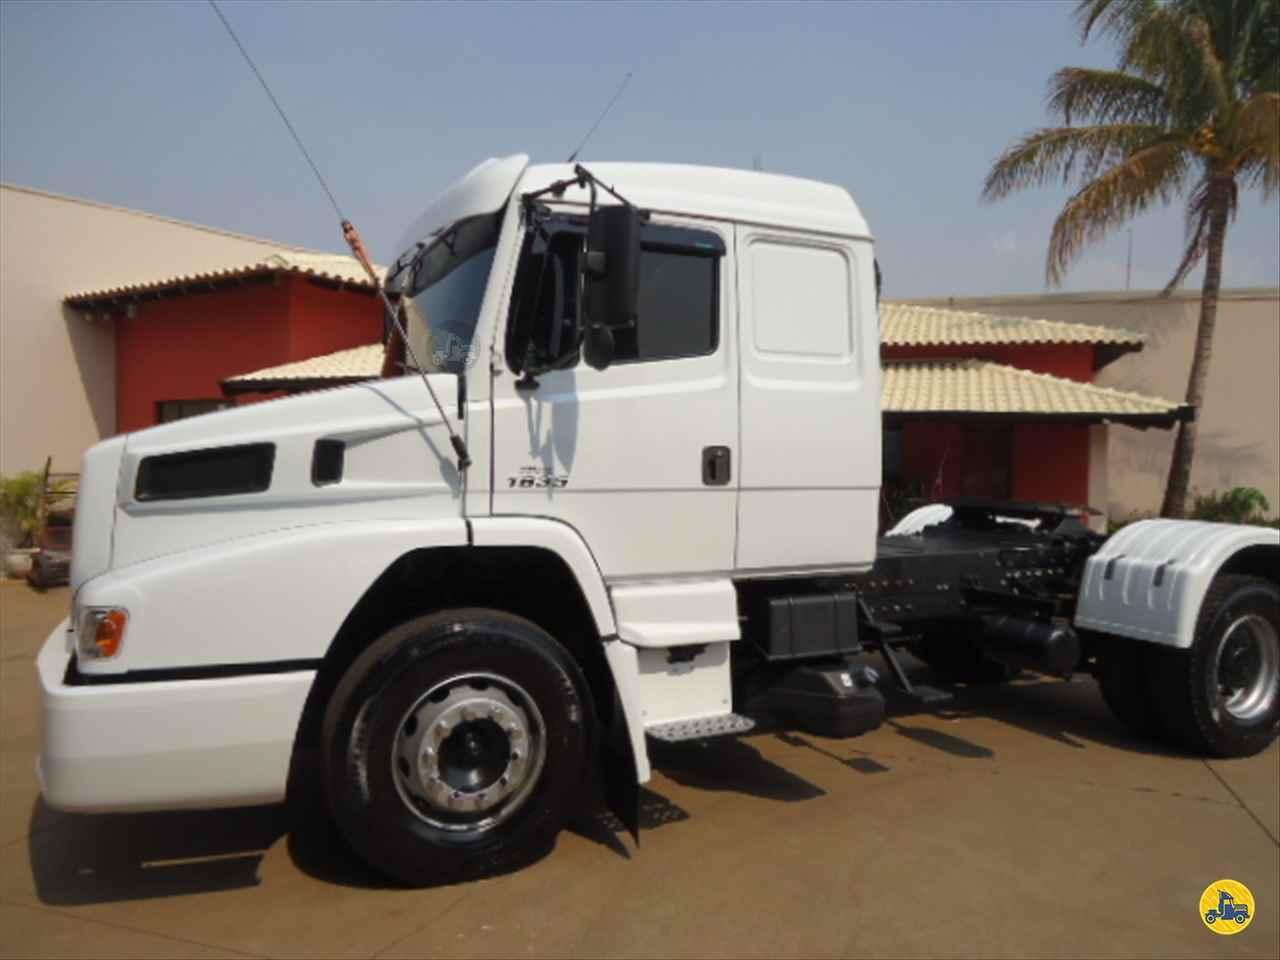 CAMINHAO MERCEDES-BENZ MB 1635 Cavalo Mecânico Toco 4x2 Talismã Veículos VARGEM GRANDE DO SUL SÃO PAULO SP